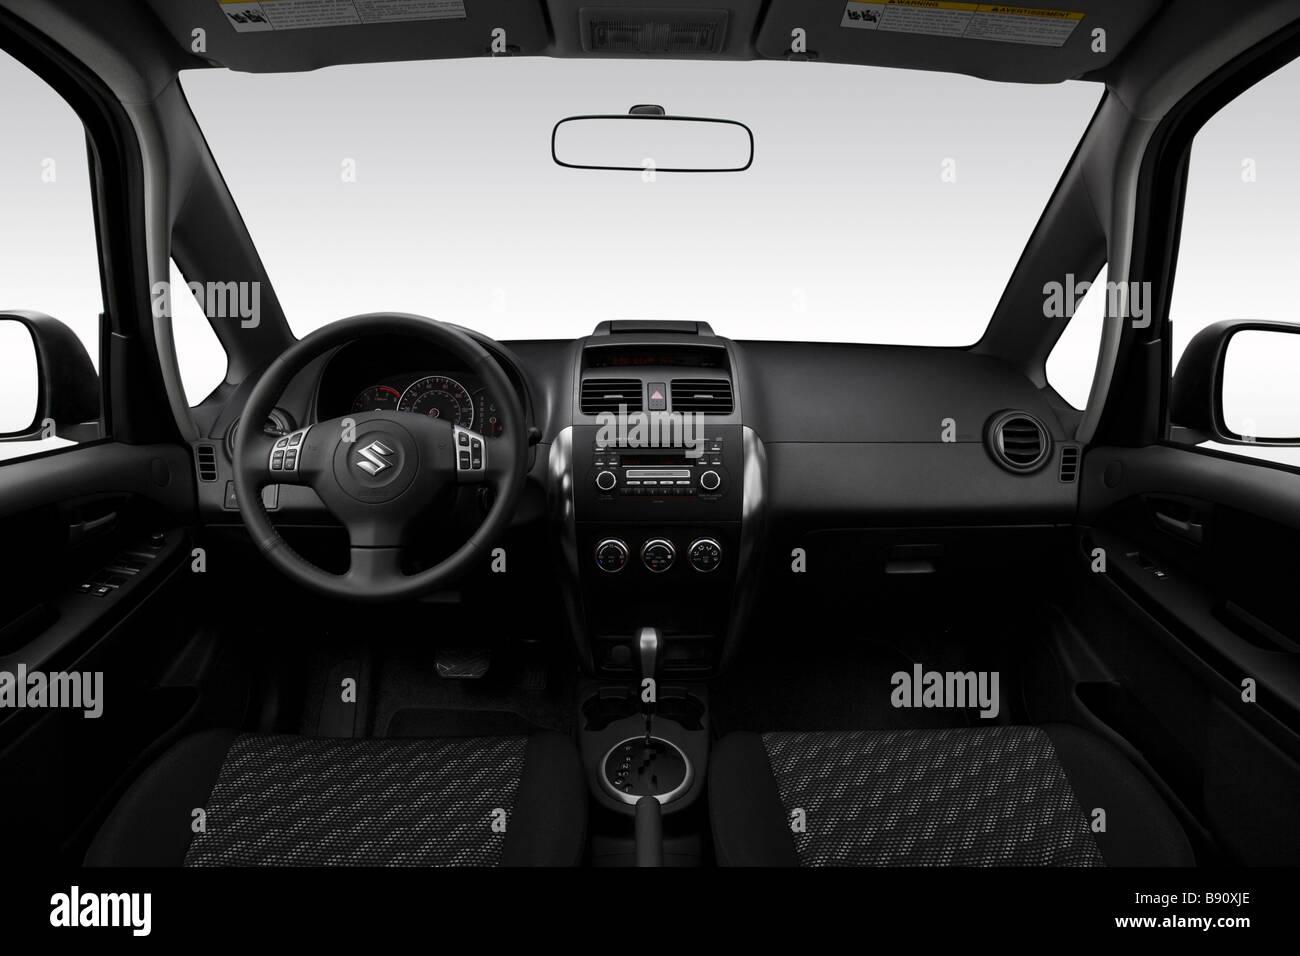 2009 Suzuki SX4 Crossover in Silver - Dashboard, center console, gear shifter view - Stock Image